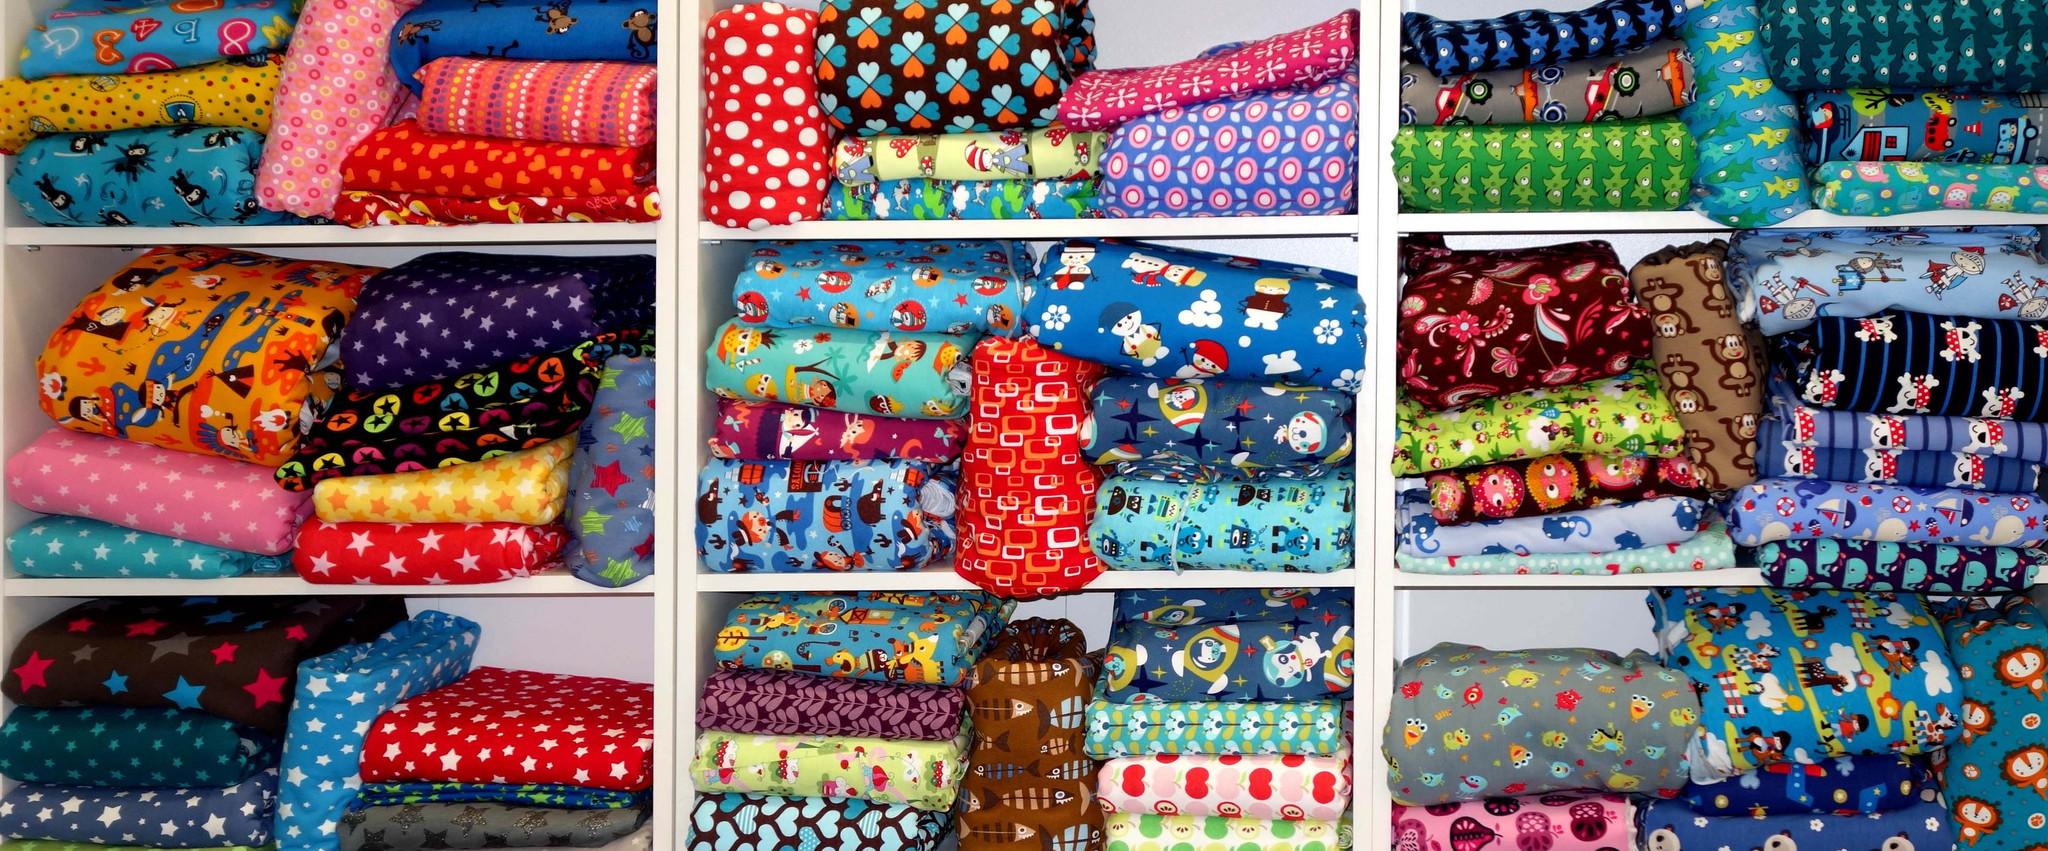 Stoffe Liebli Kindermode bunte handgemachte Babymode Kinderkleidung Babygescgenk Geburtsgeschenk 1030 Wien Landstraße 92